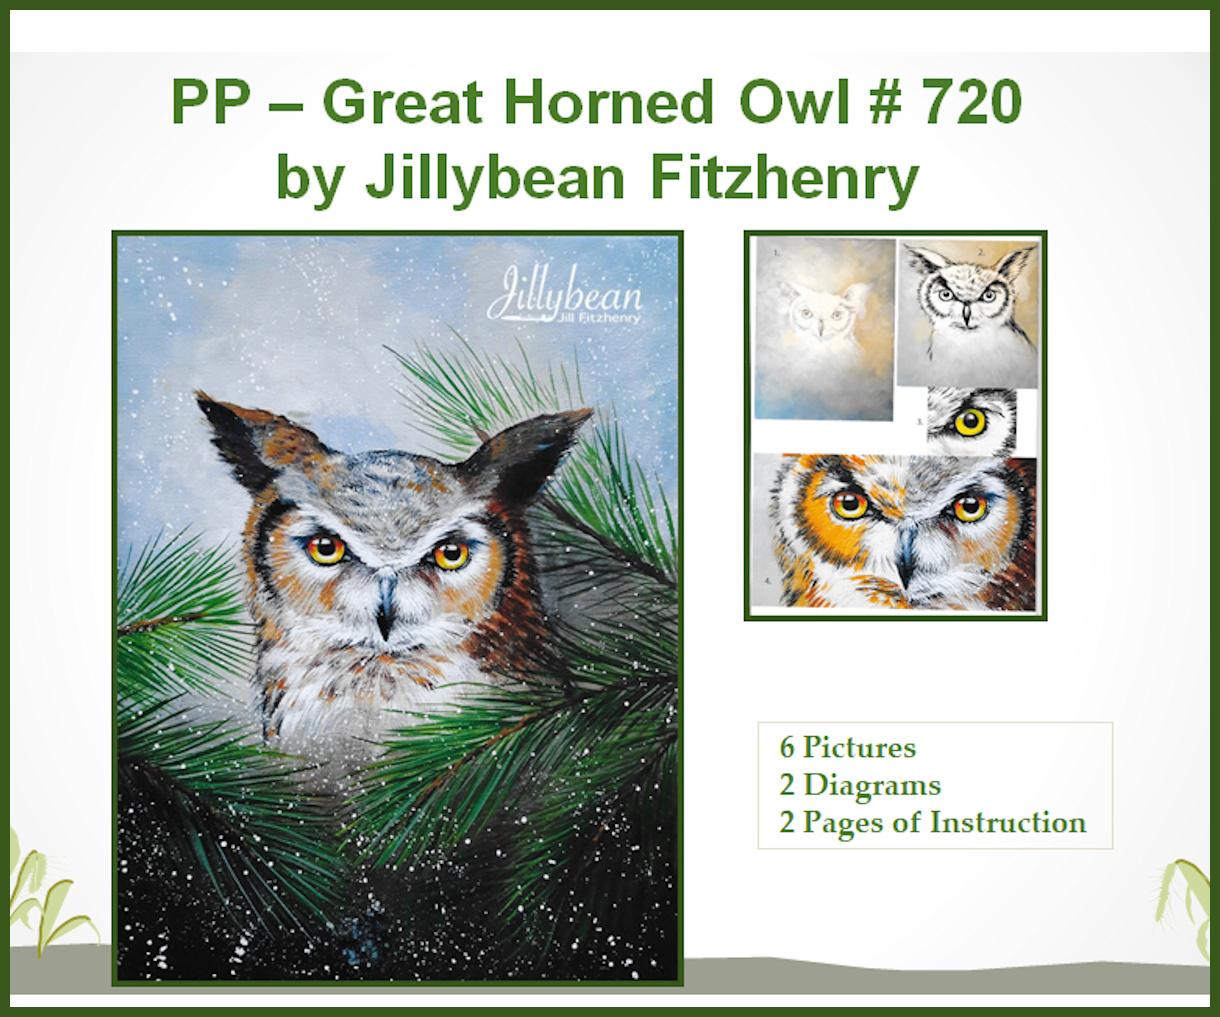 720-great-horned-owl-jb720-mp.jpg